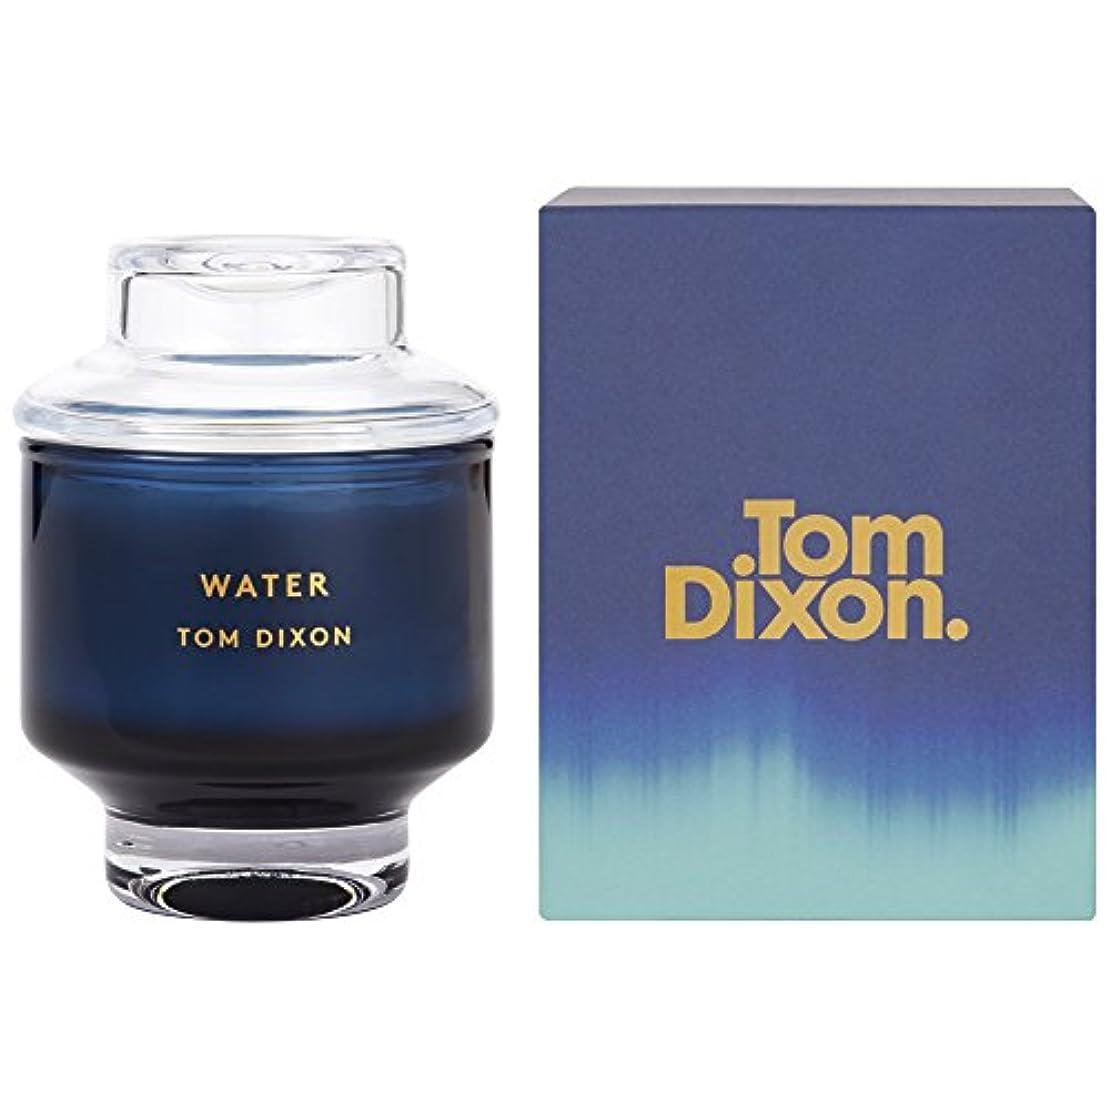 発音飢えた癌Tom Dixon Water Scented Candle Medium (Pack of 2) - トム?ディクソン水の香りのキャンドル媒体 x2 [並行輸入品]